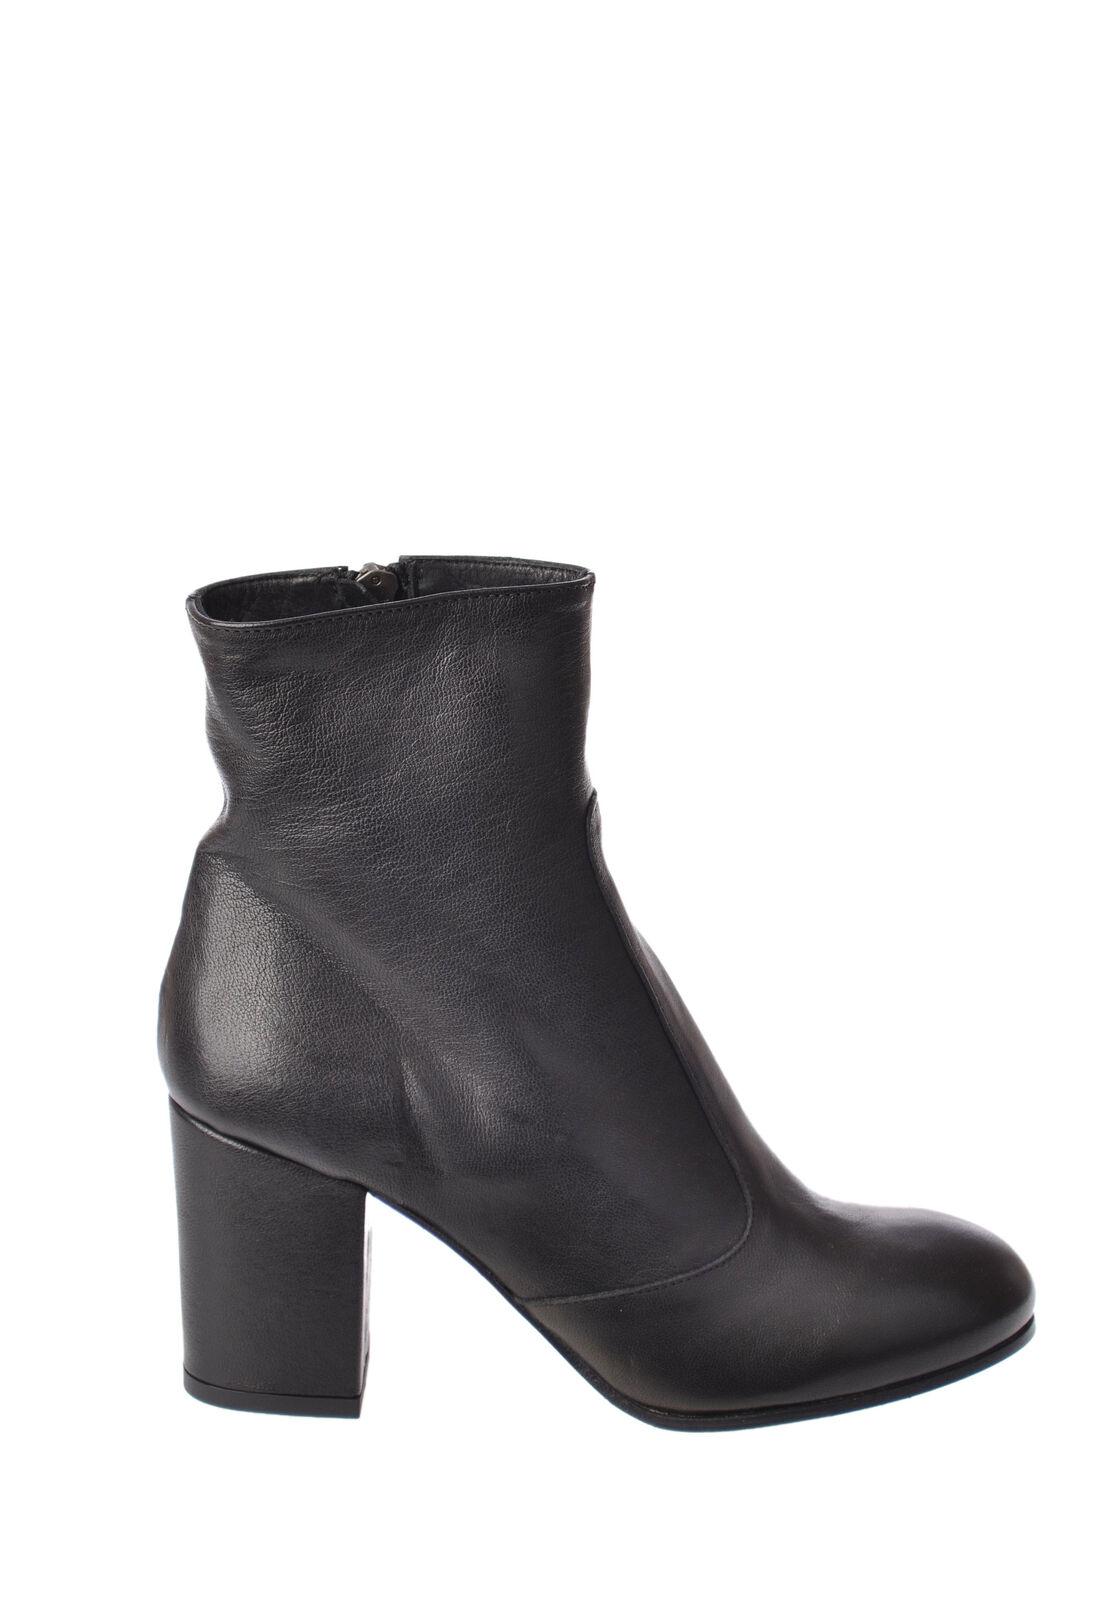 Lemarè-botas al tobillo-mujer-negro - 2837031N174433 2837031N174433 2837031N174433  minoristas en línea